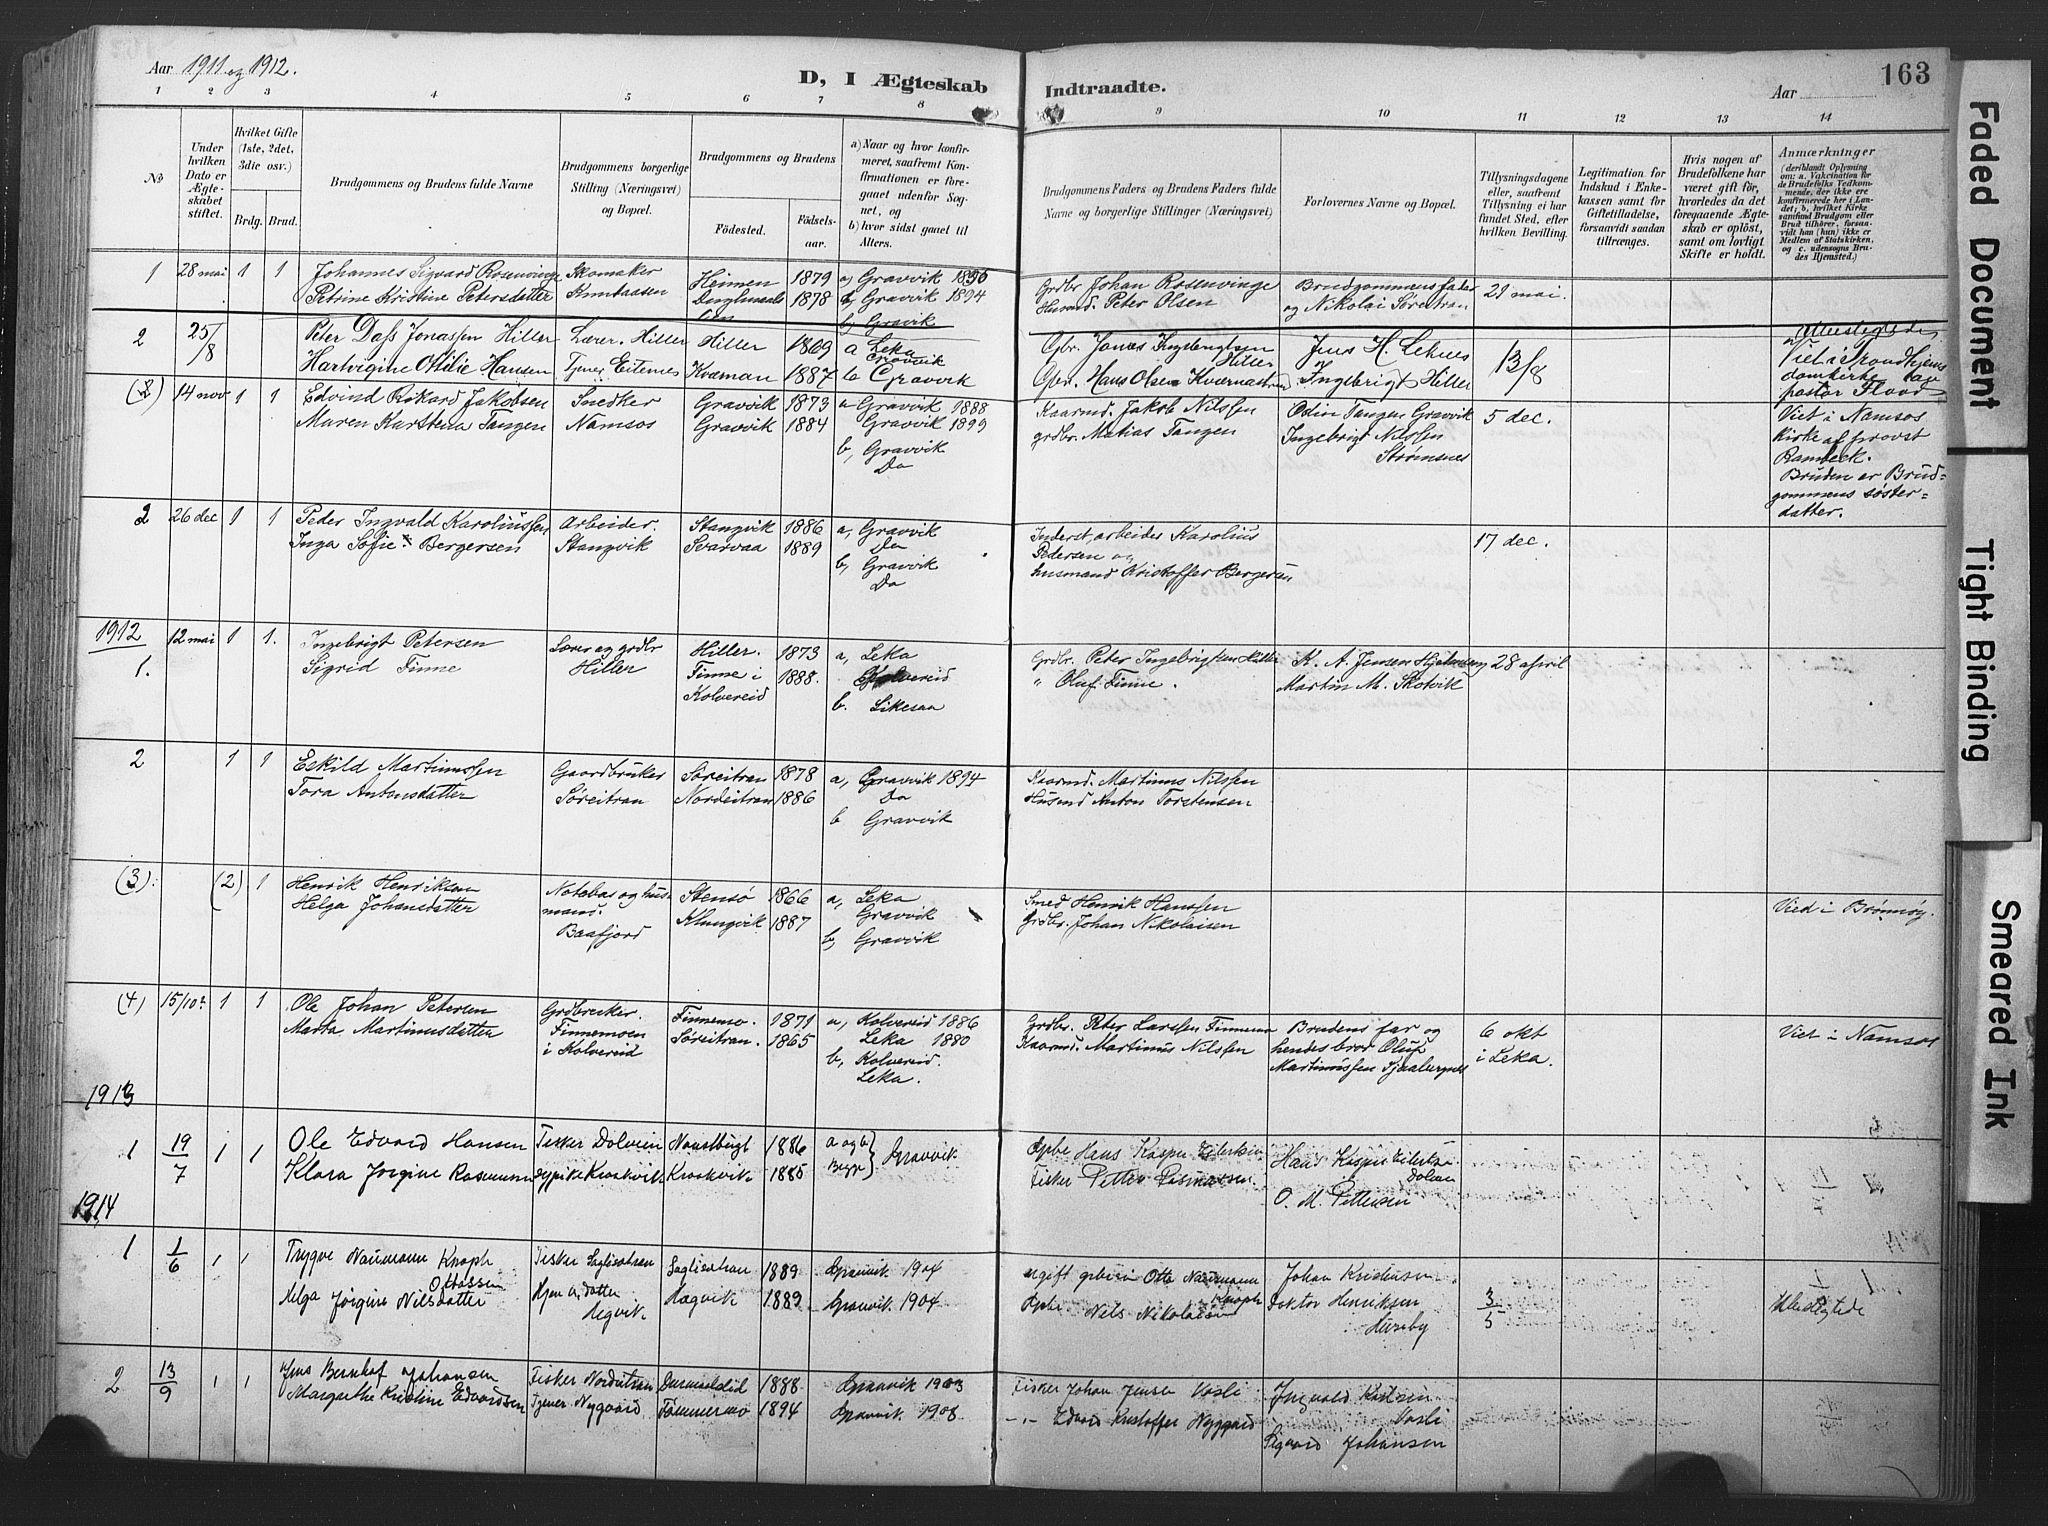 SAT, Ministerialprotokoller, klokkerbøker og fødselsregistre - Nord-Trøndelag, 789/L0706: Klokkerbok nr. 789C01, 1888-1931, s. 163